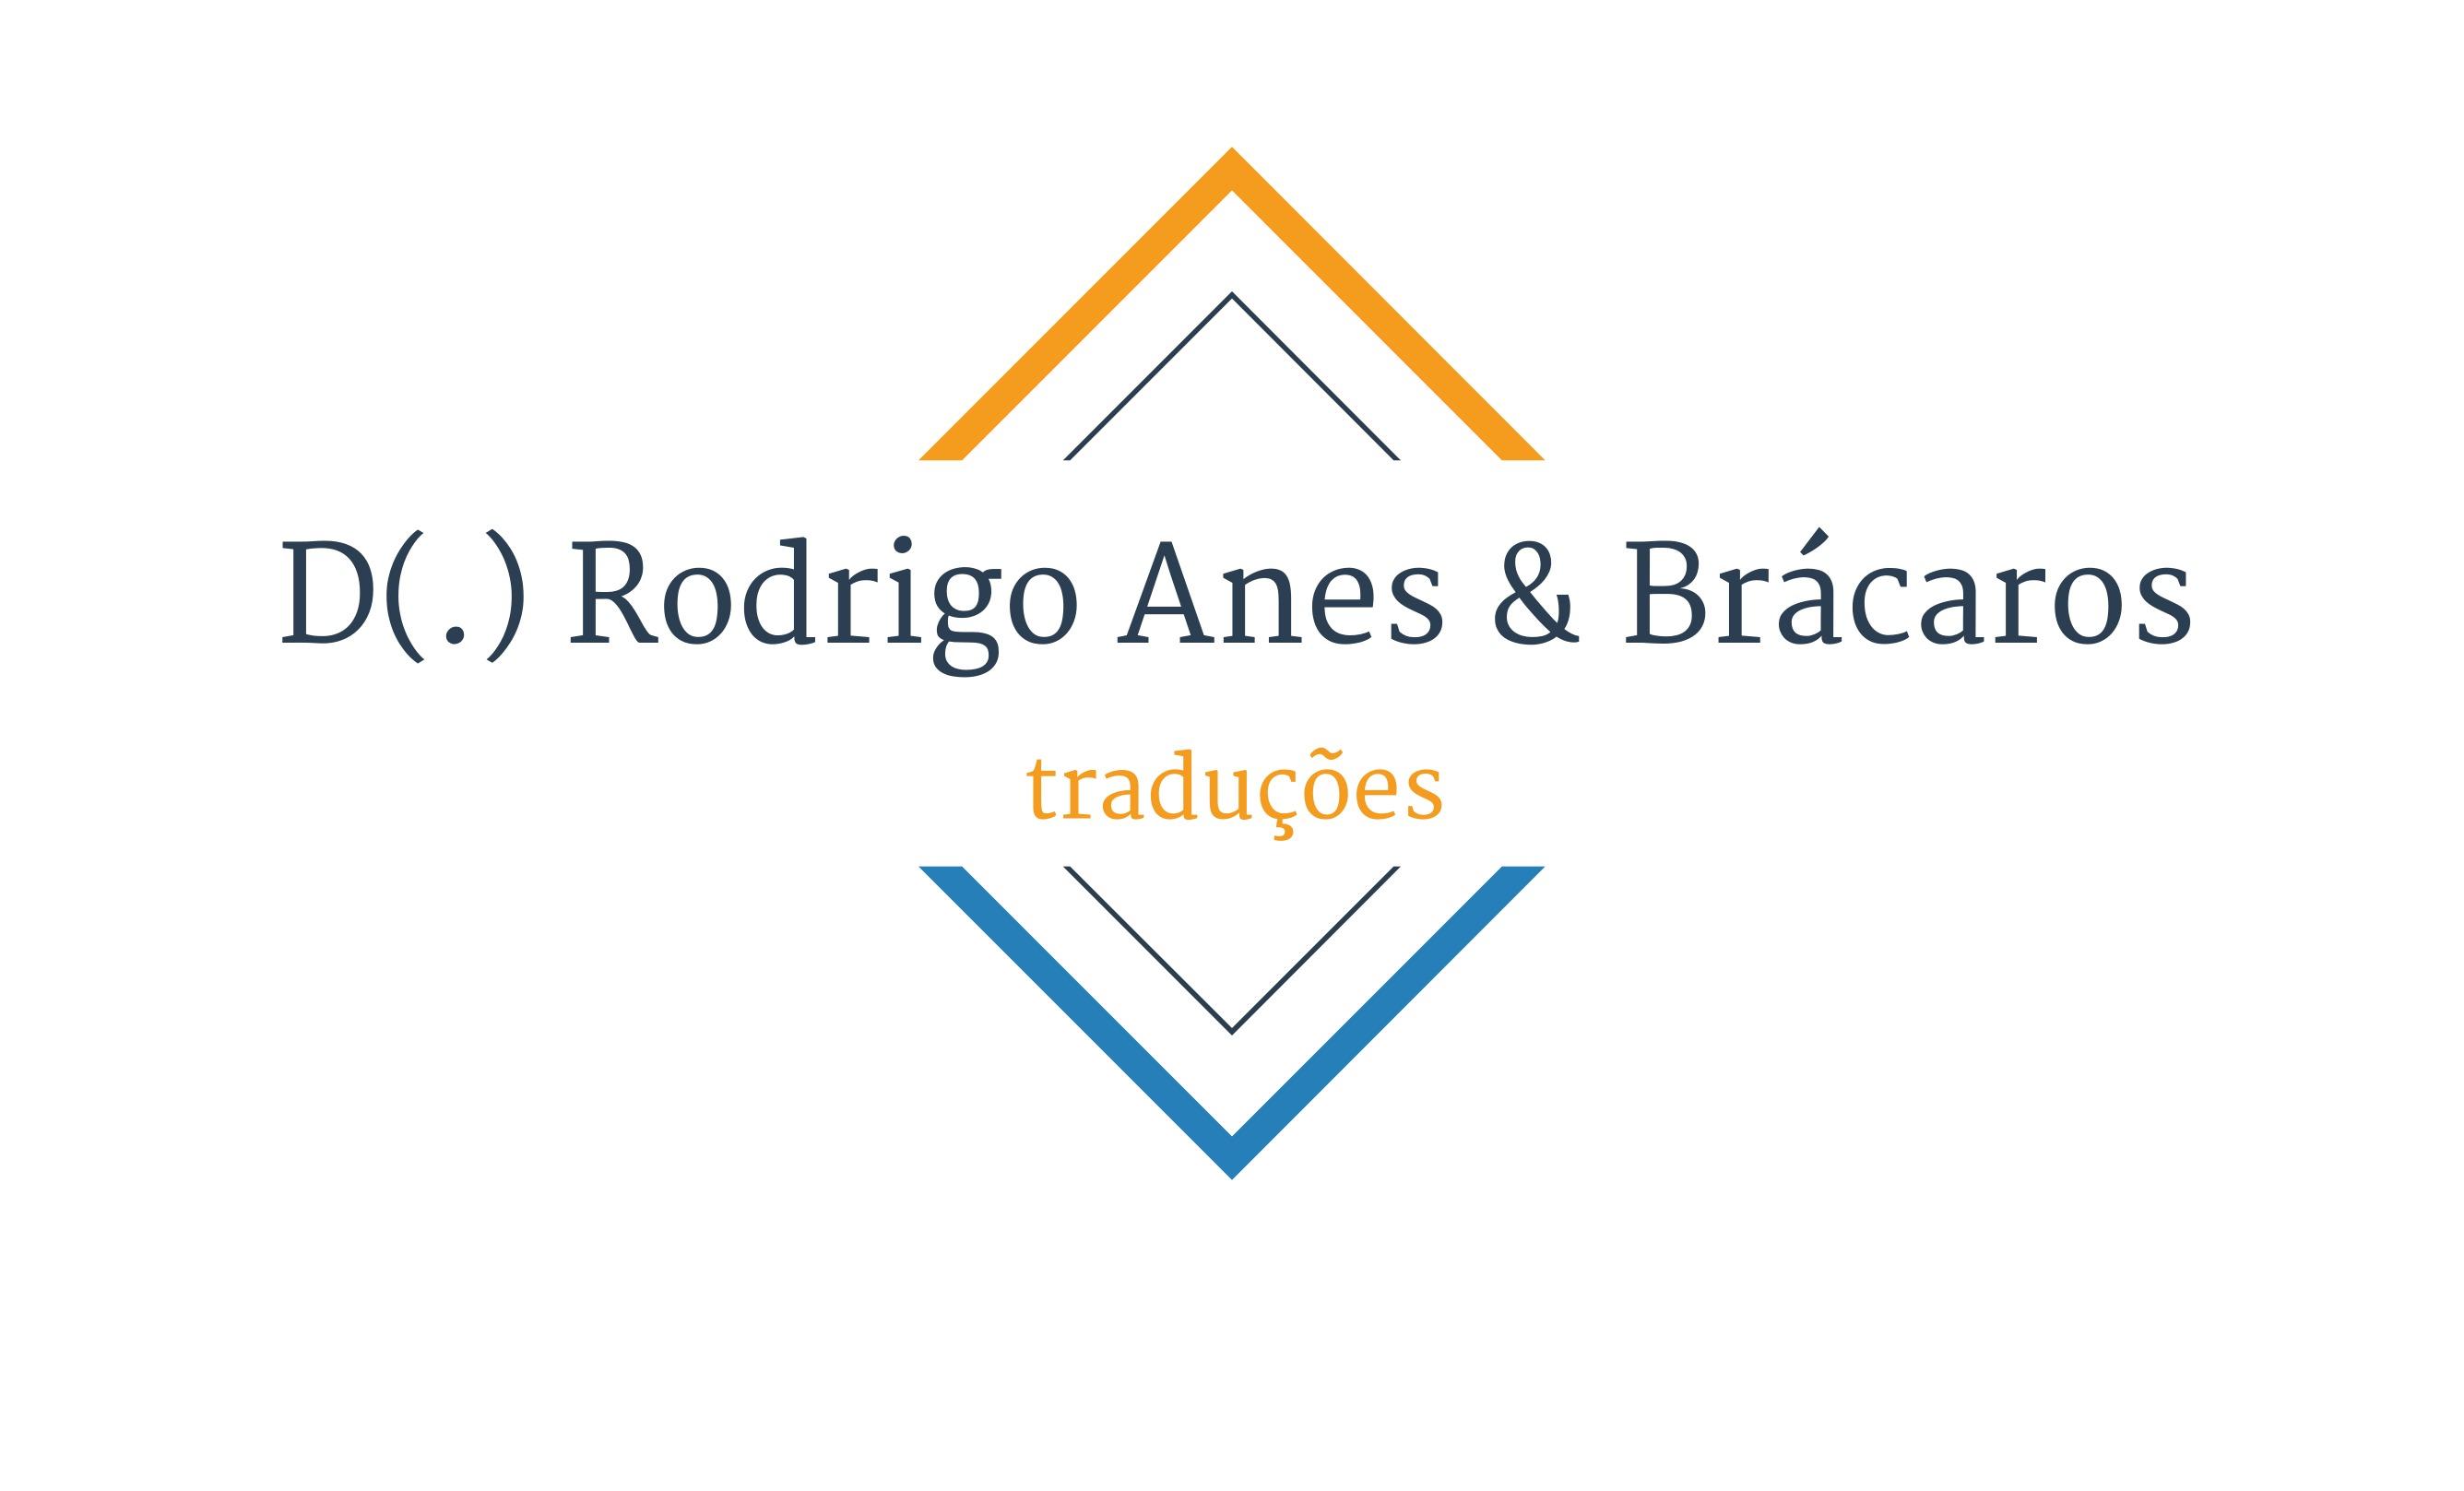 D(.) Rodrigo Anes & Brácaros traducciones